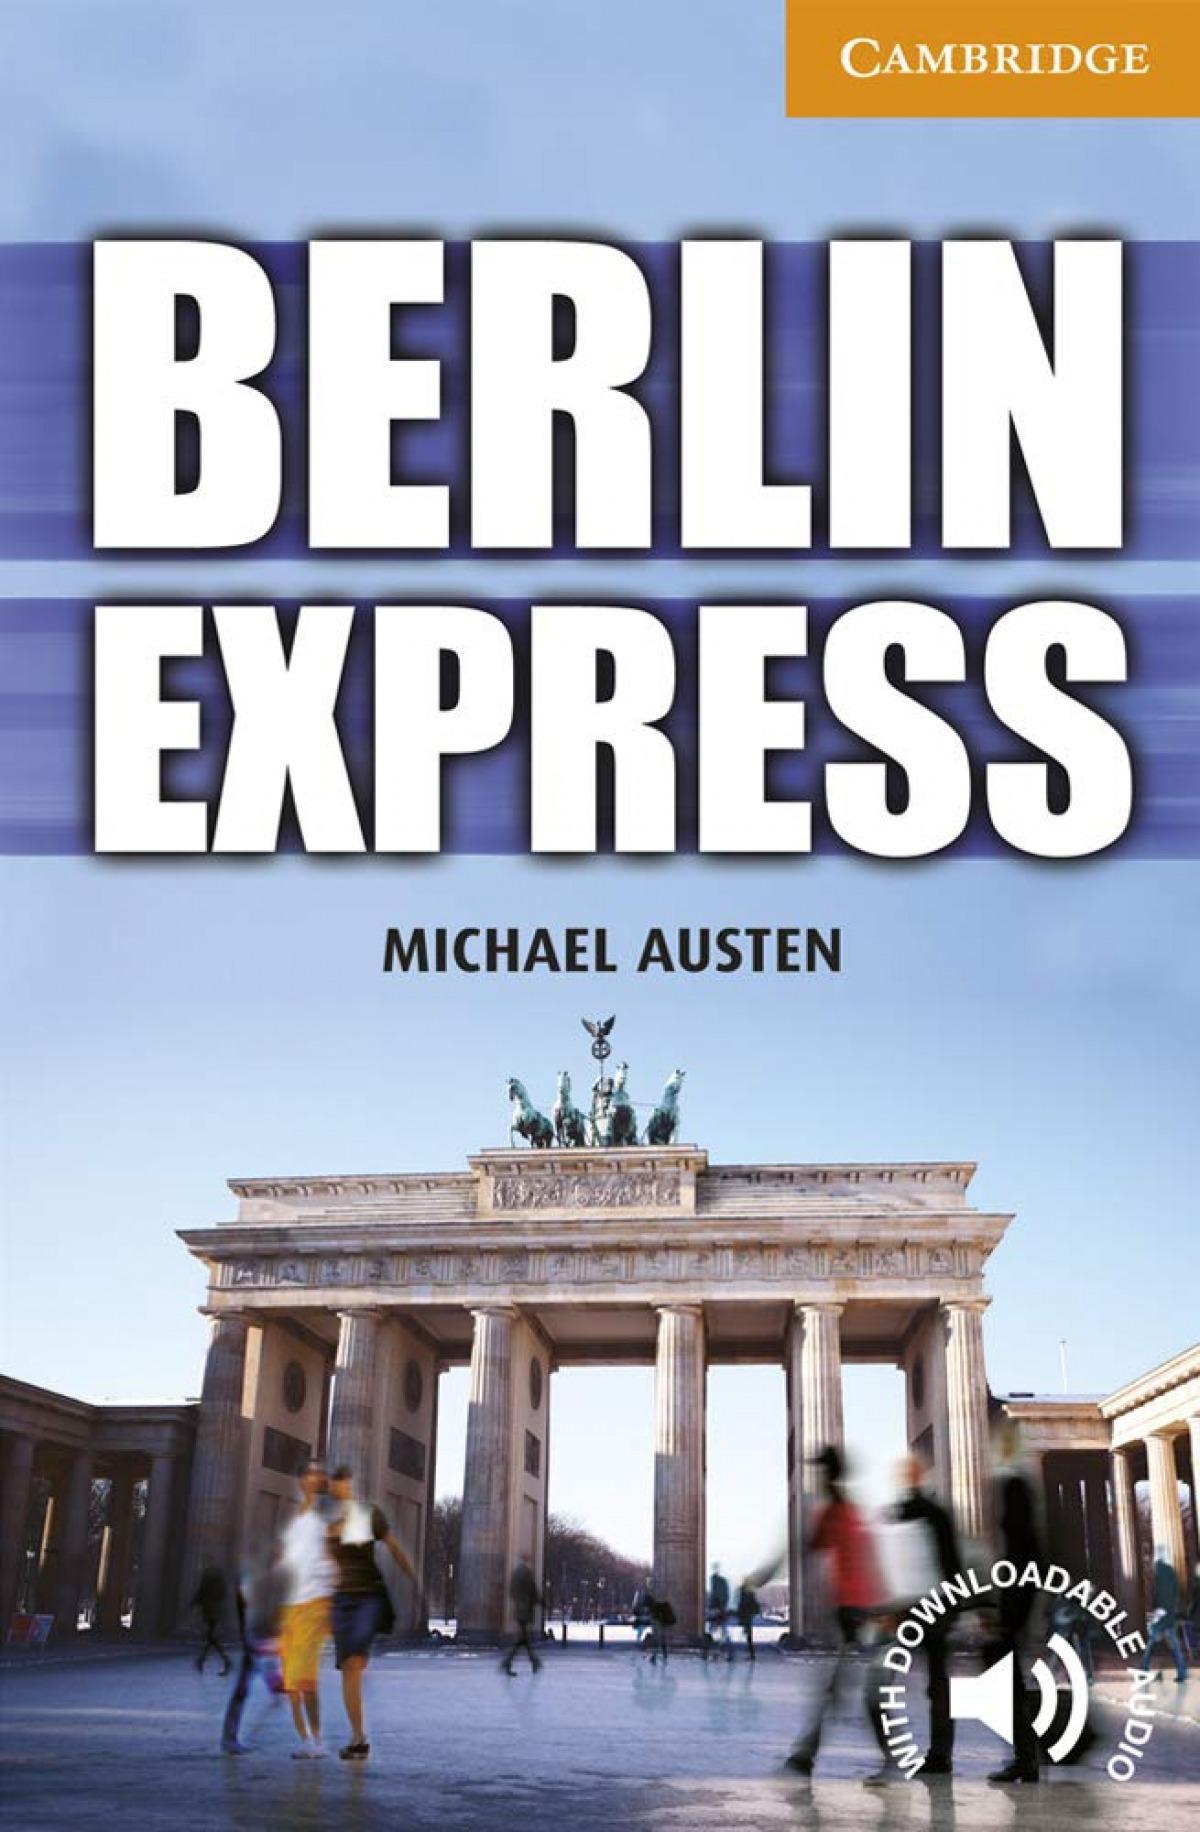 Berlin express 9780521174909